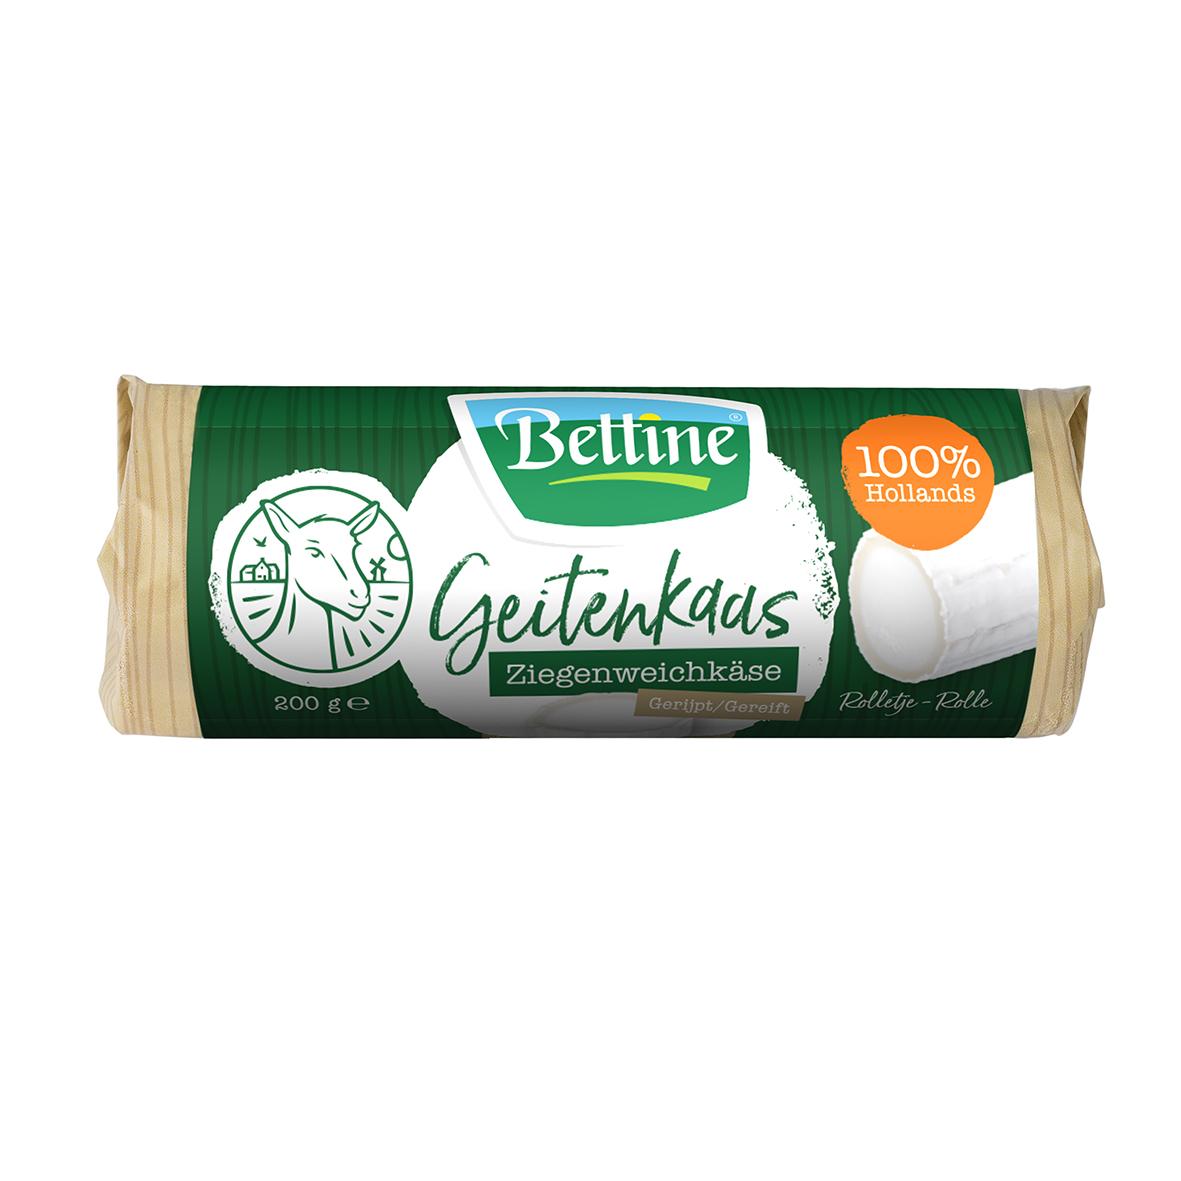 - Bettinehoeve Geitenkaas Ziegenweichkäse 200g - Bettinehoeve Geitenkaas Ziegenweichkäse 1 kg